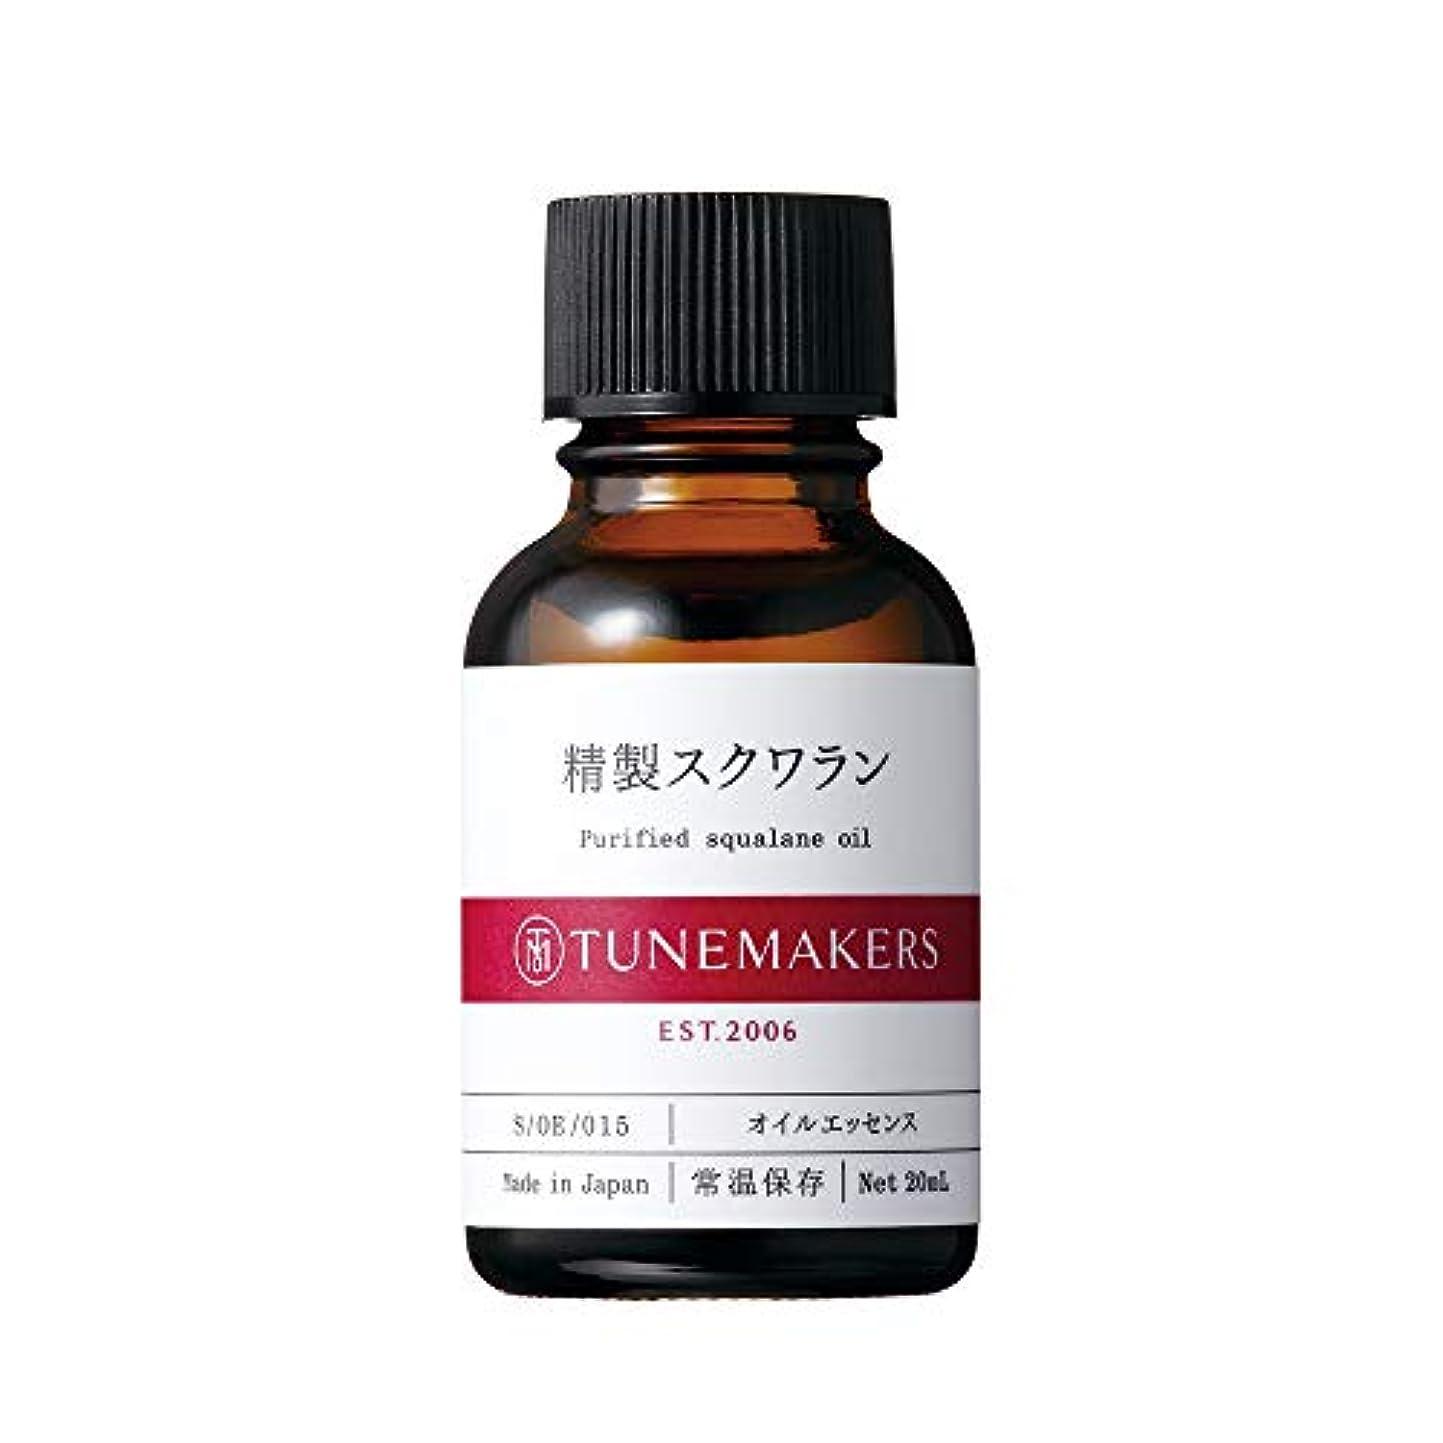 症状コテージ友情TUNEMAKERS(チューンメーカーズ) 精製スクワラン 美容液 20ml